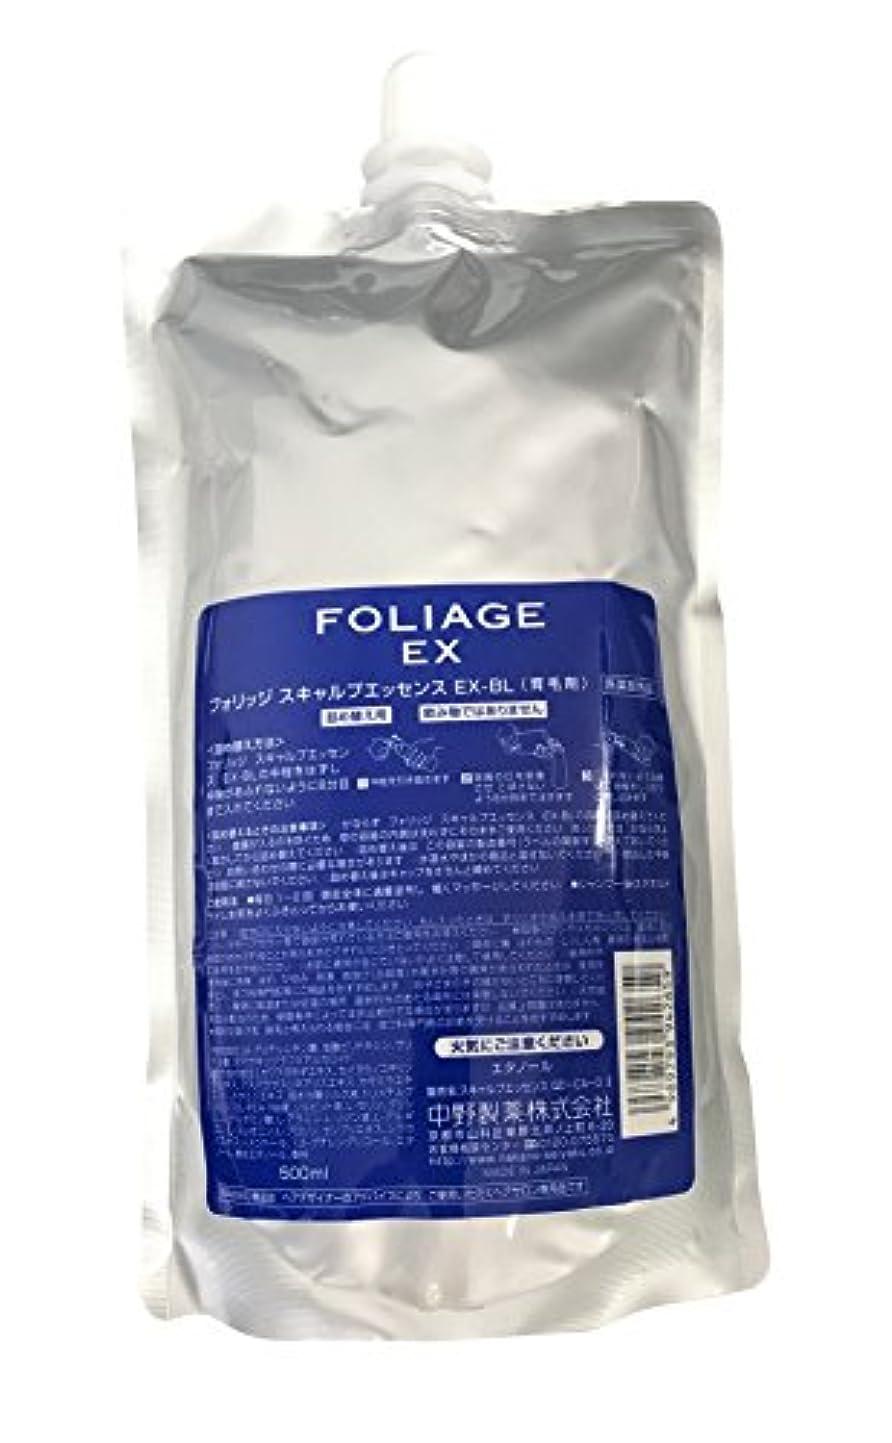 引数男らしいラダ中野製薬 フォリッジ スキャルプエッセンス EX-BL 500ml [医薬部外品]